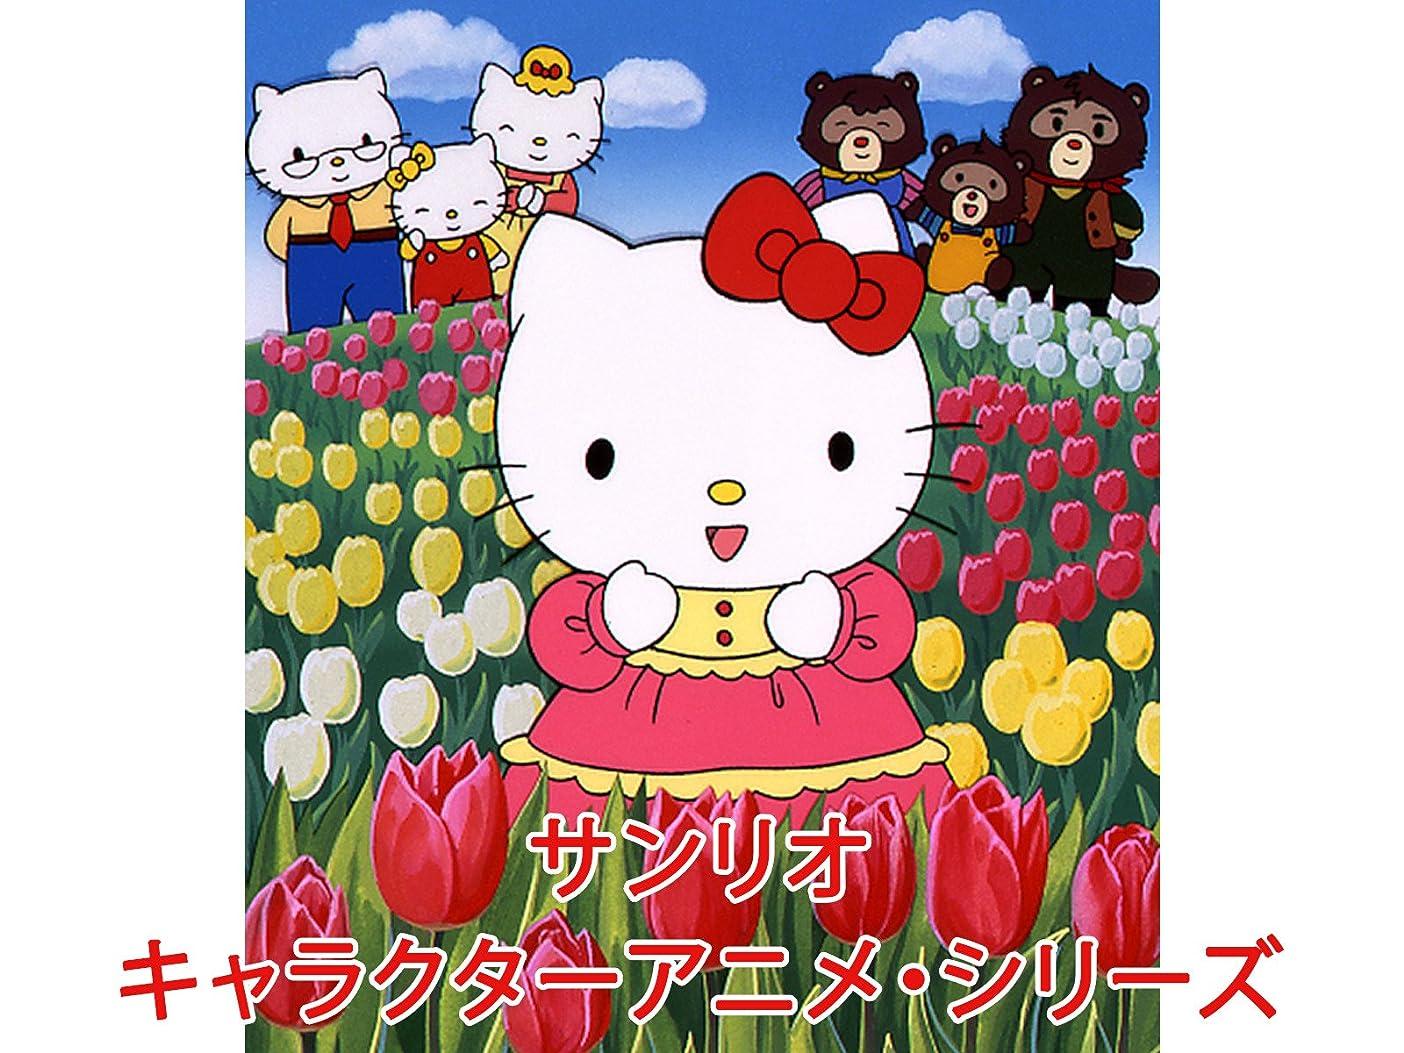 キャンパス小さなハンサムサンリオキャラクターアニメ?シリーズ